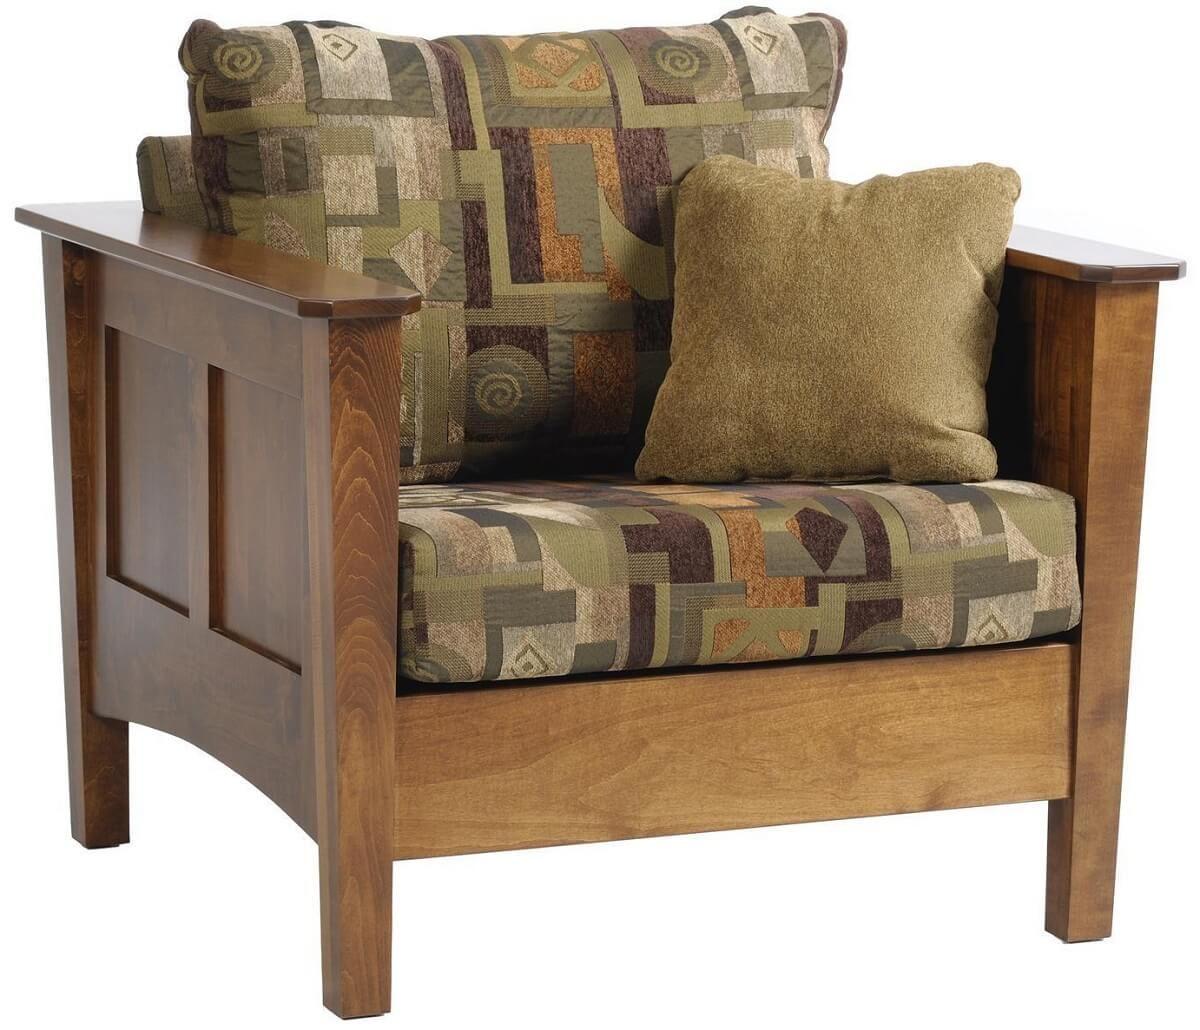 Rhode Island Chair